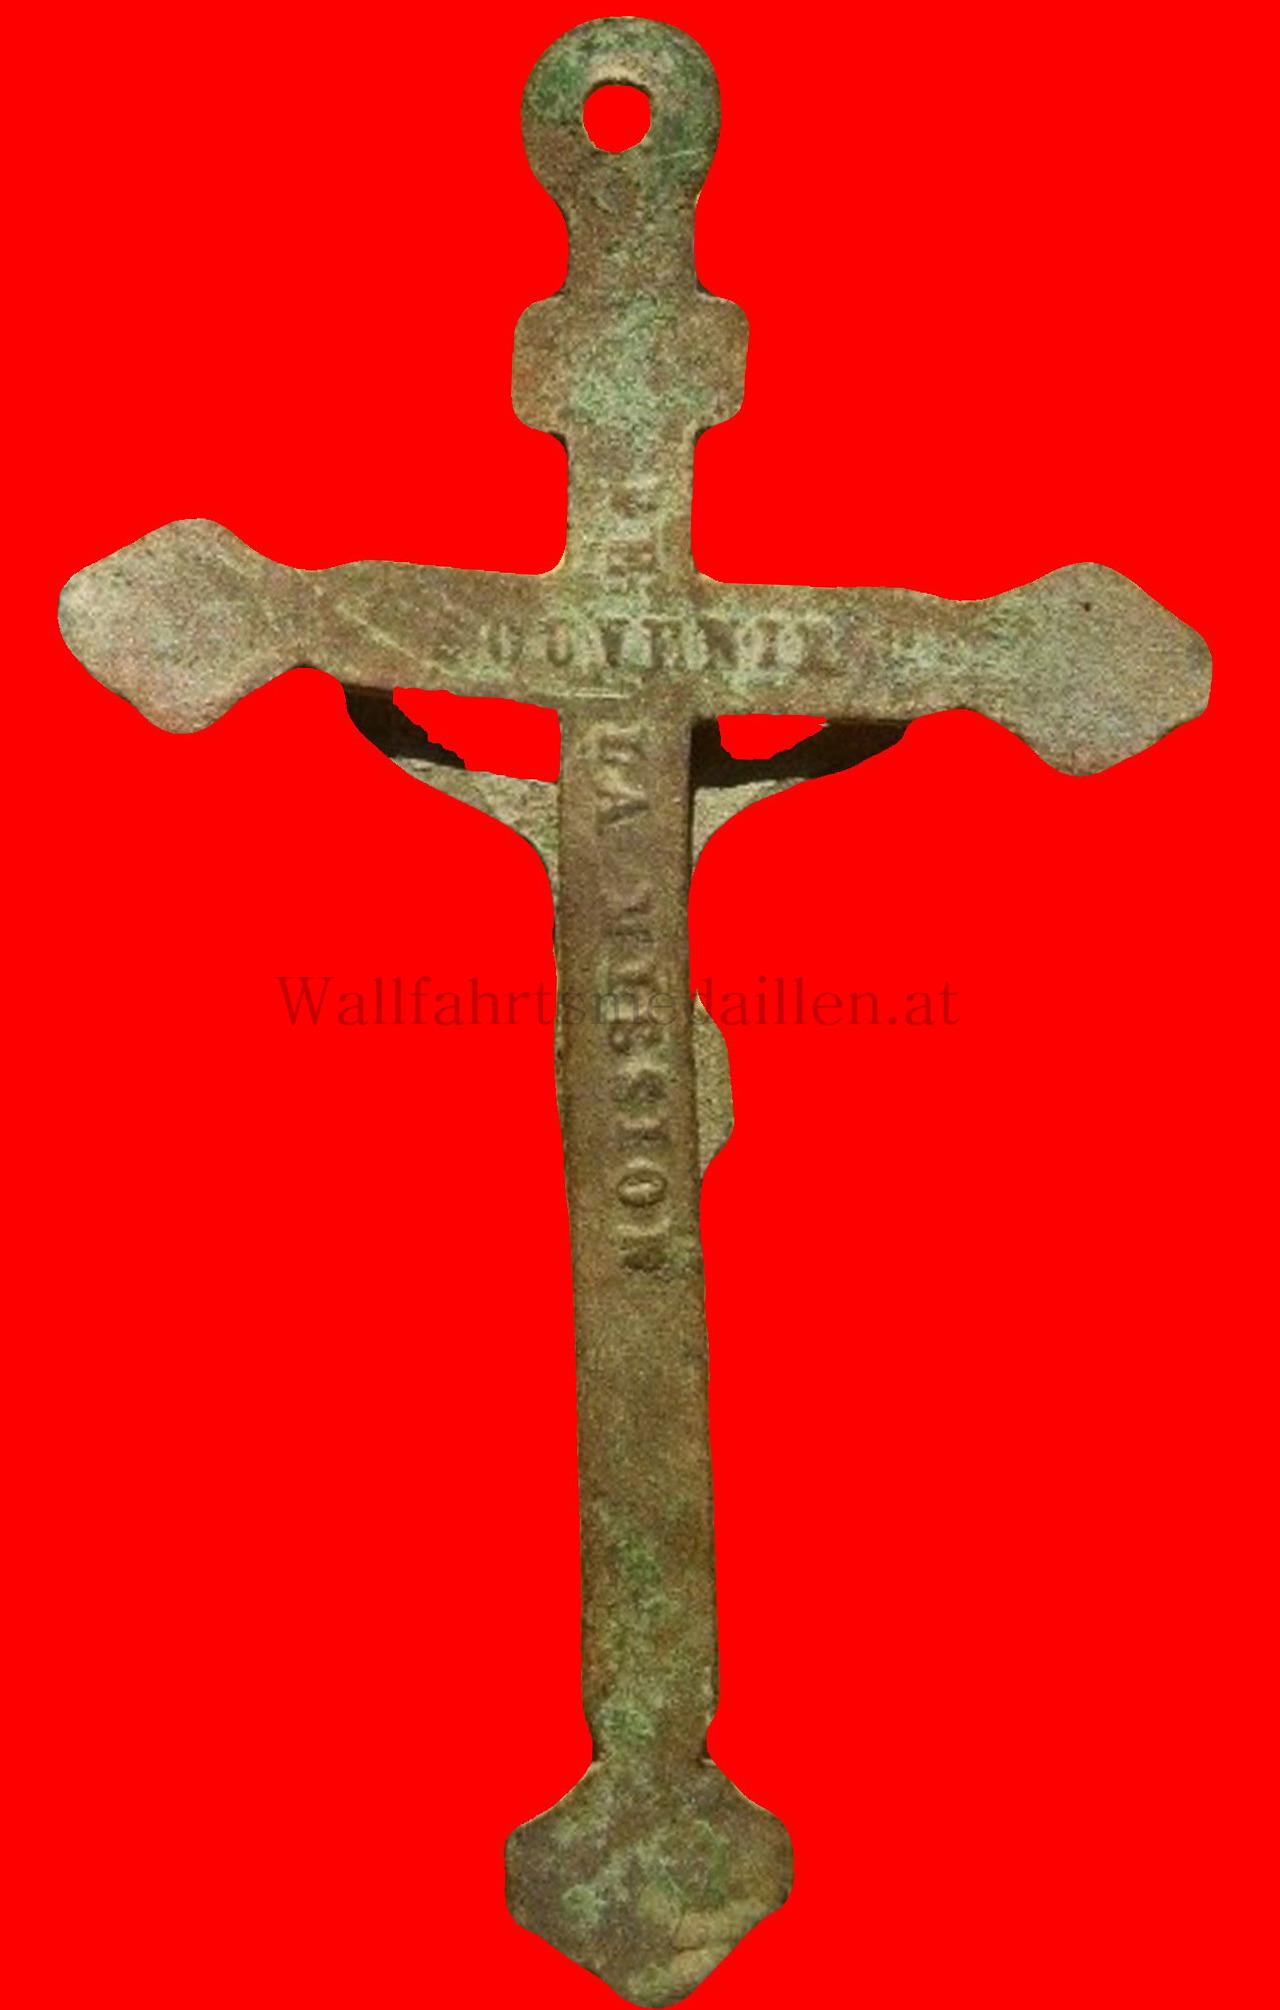 Missionskreuz XIX Jhd